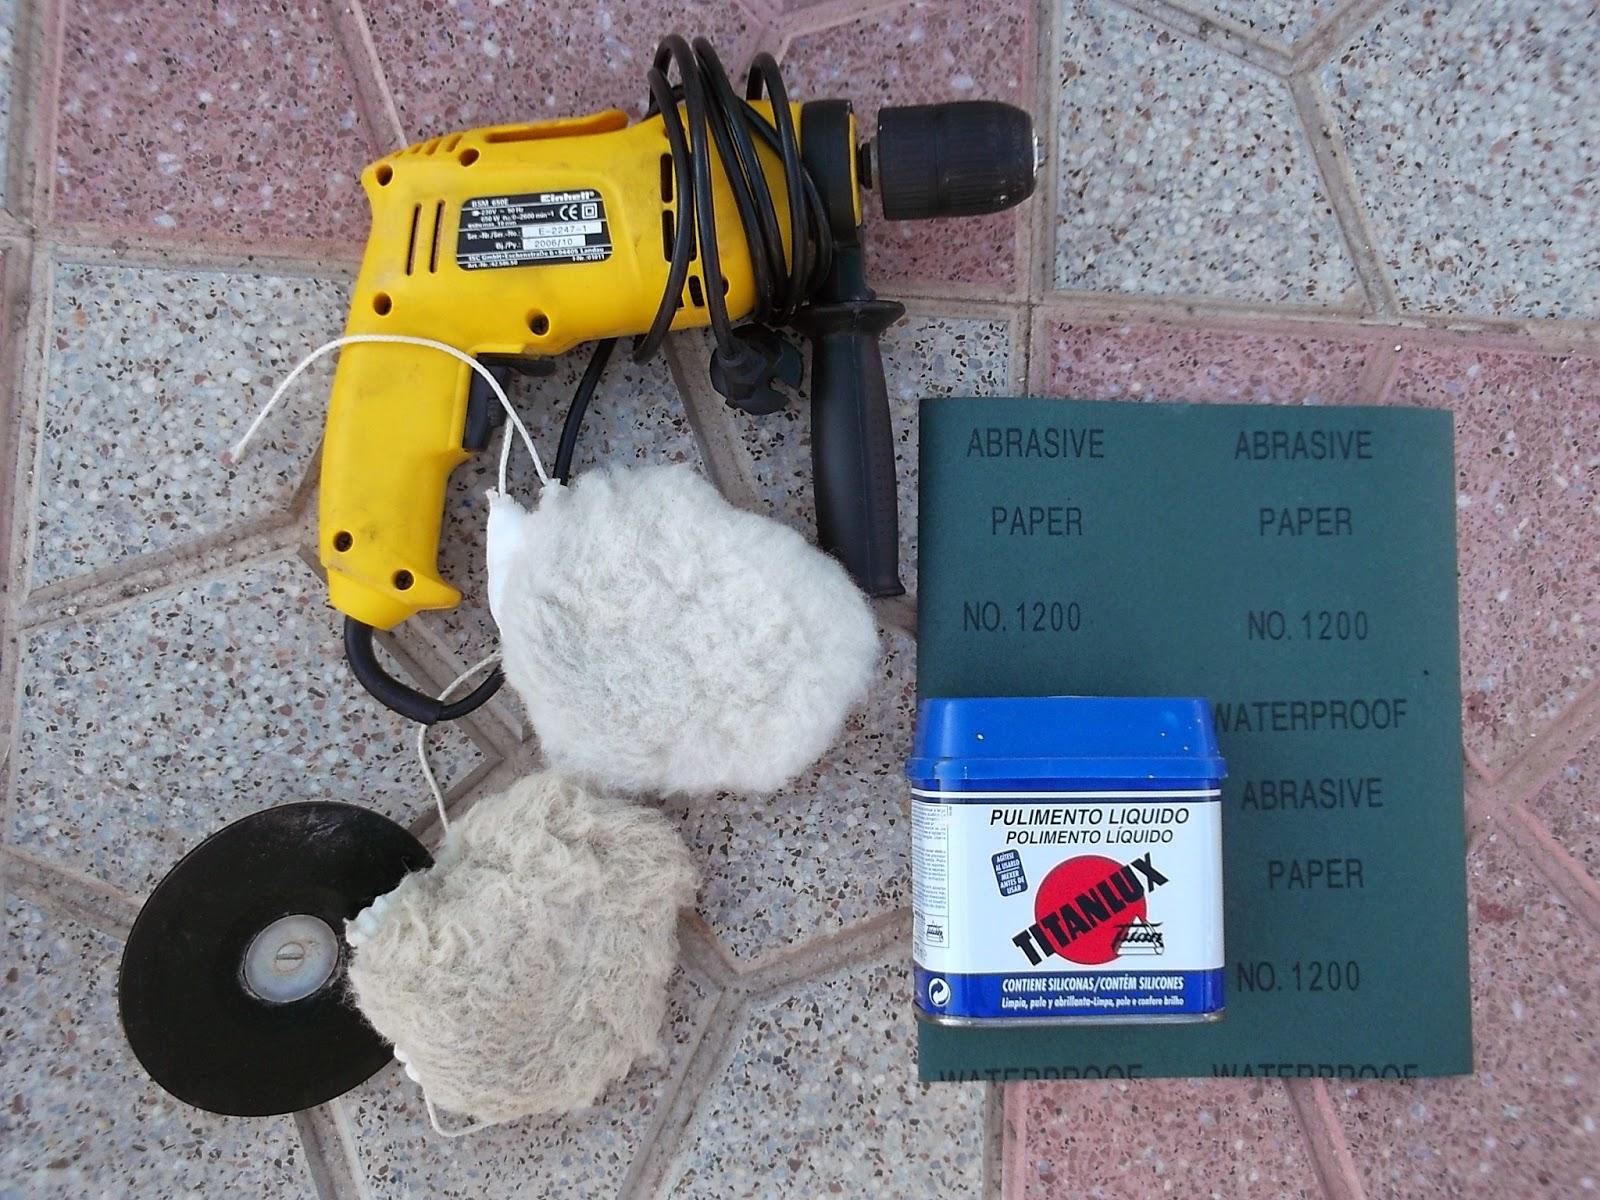 Herramientas y productos utilizados para renovar el baúl